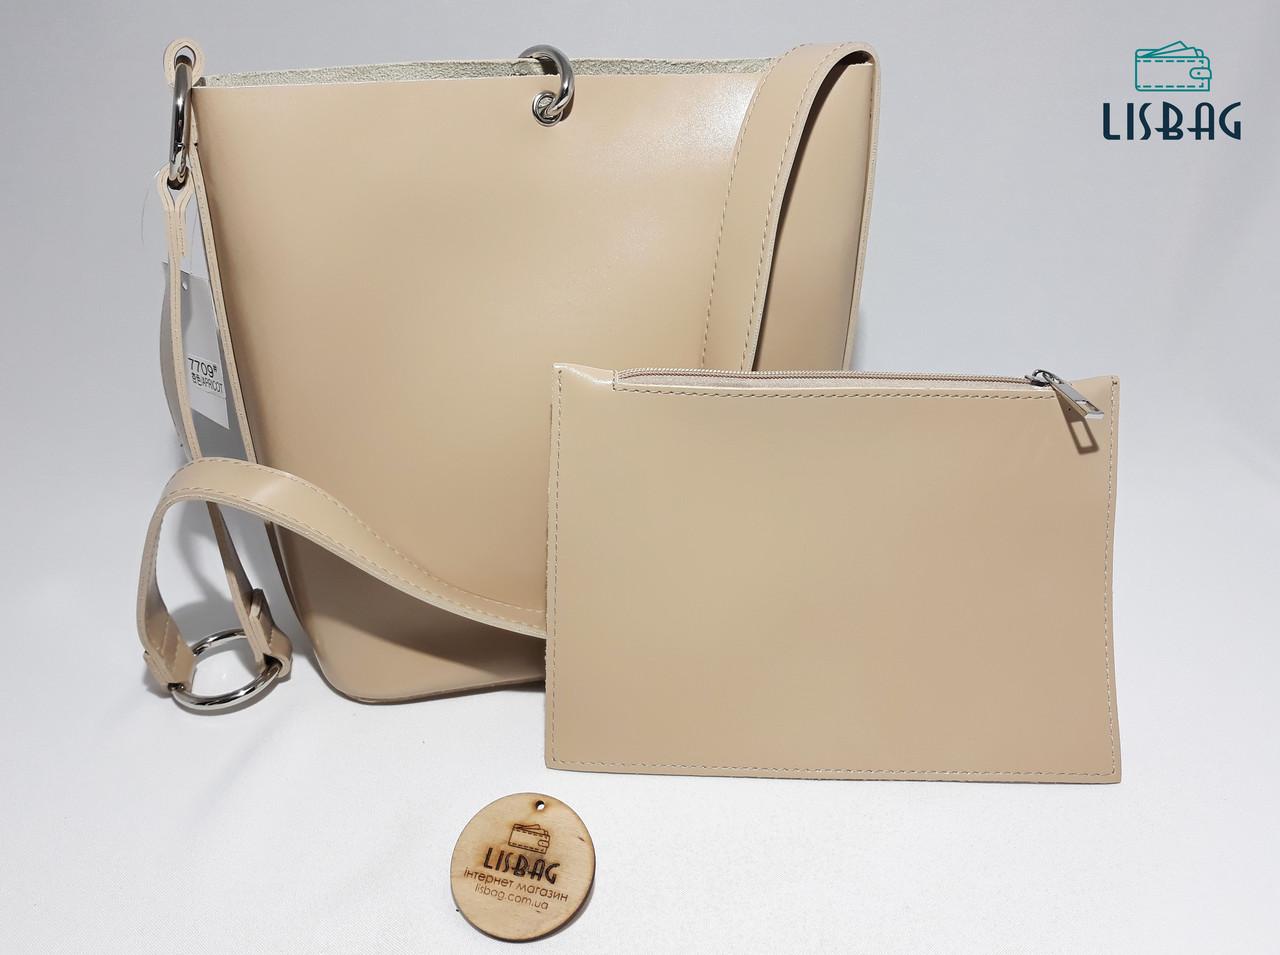 f9a7d01c2a69 Женская вместительная сумка мешок на плече новинка, гладкая на ощупь  бежевая - Интернет магазин Lisbag